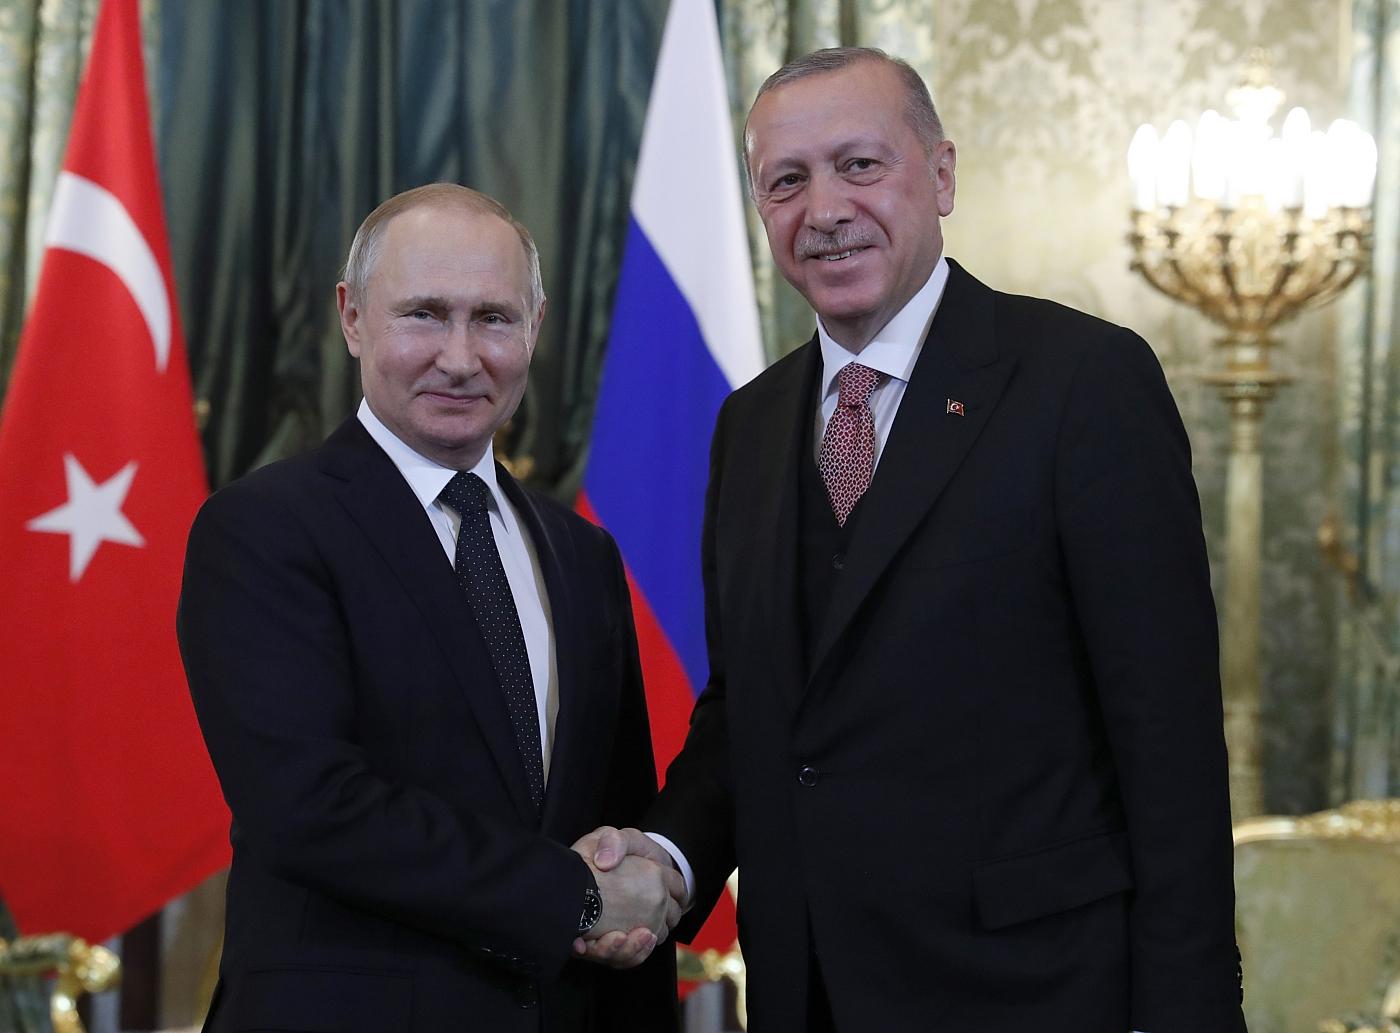 Törökország célja az volt a Kaukázusban, hogy növelje Oroszország szerepét